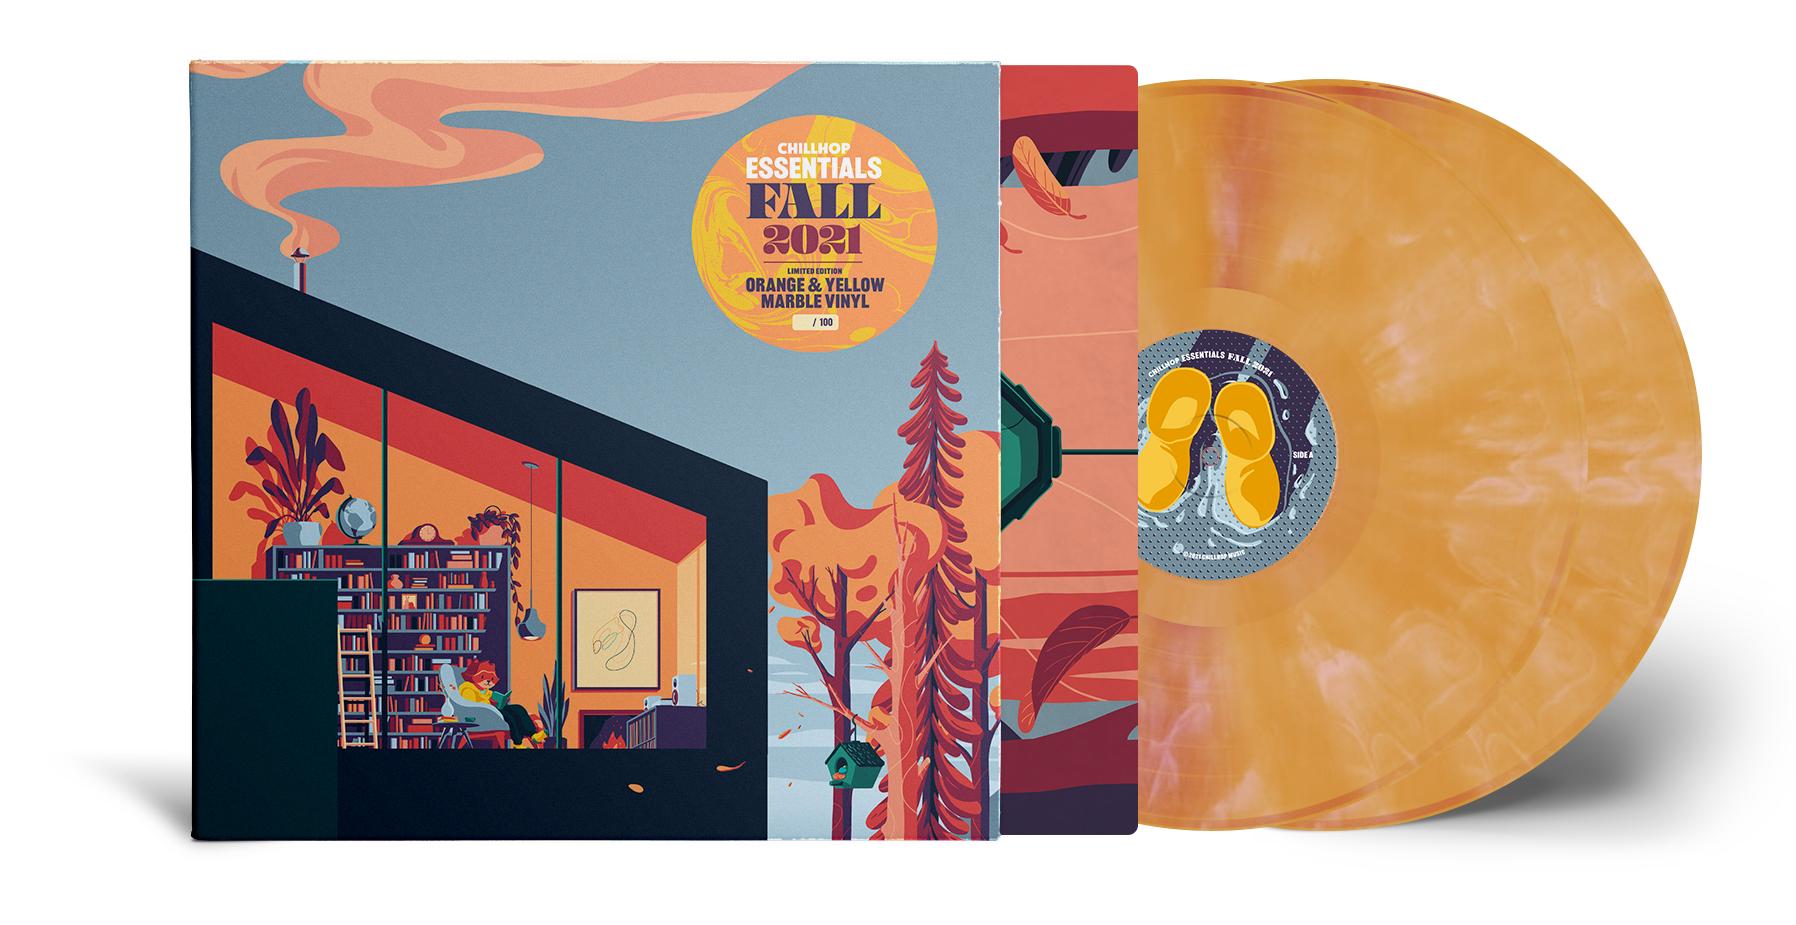 Chillhop Essentials Fall 2021 | Full Album Stream & Vinyl Pre-Order